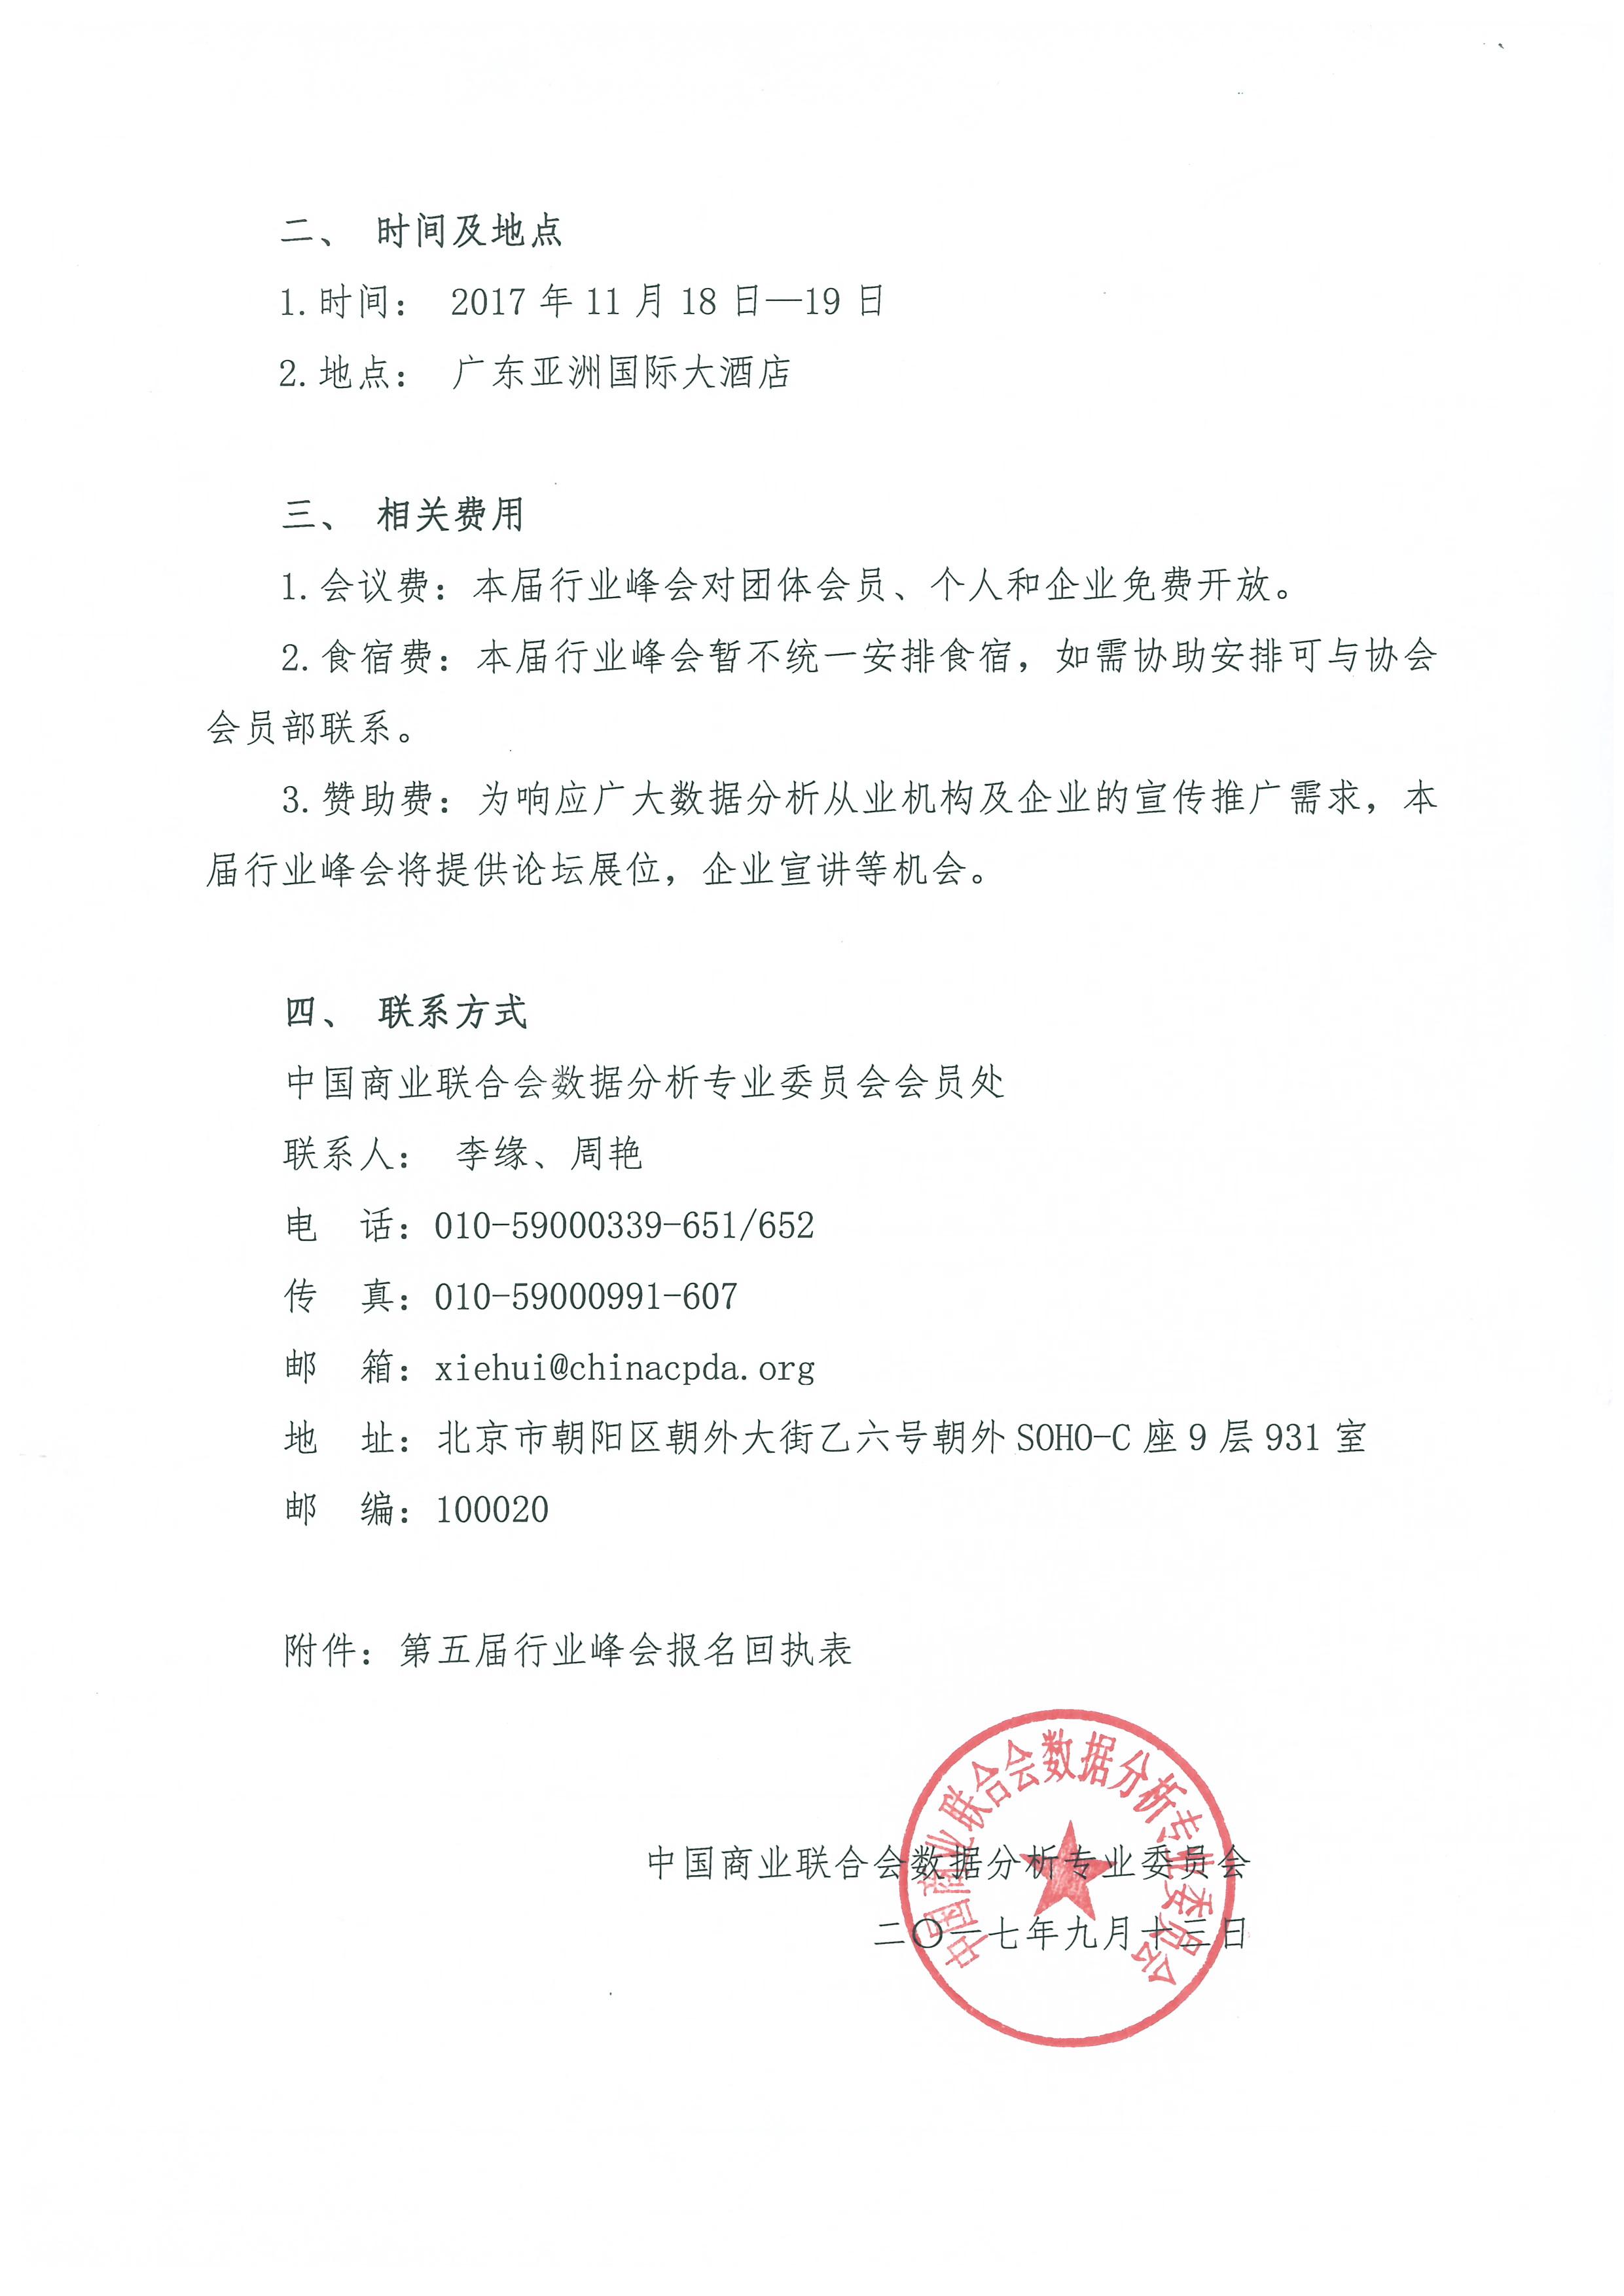 第五届中国数据分析行业峰会通知2(红章)